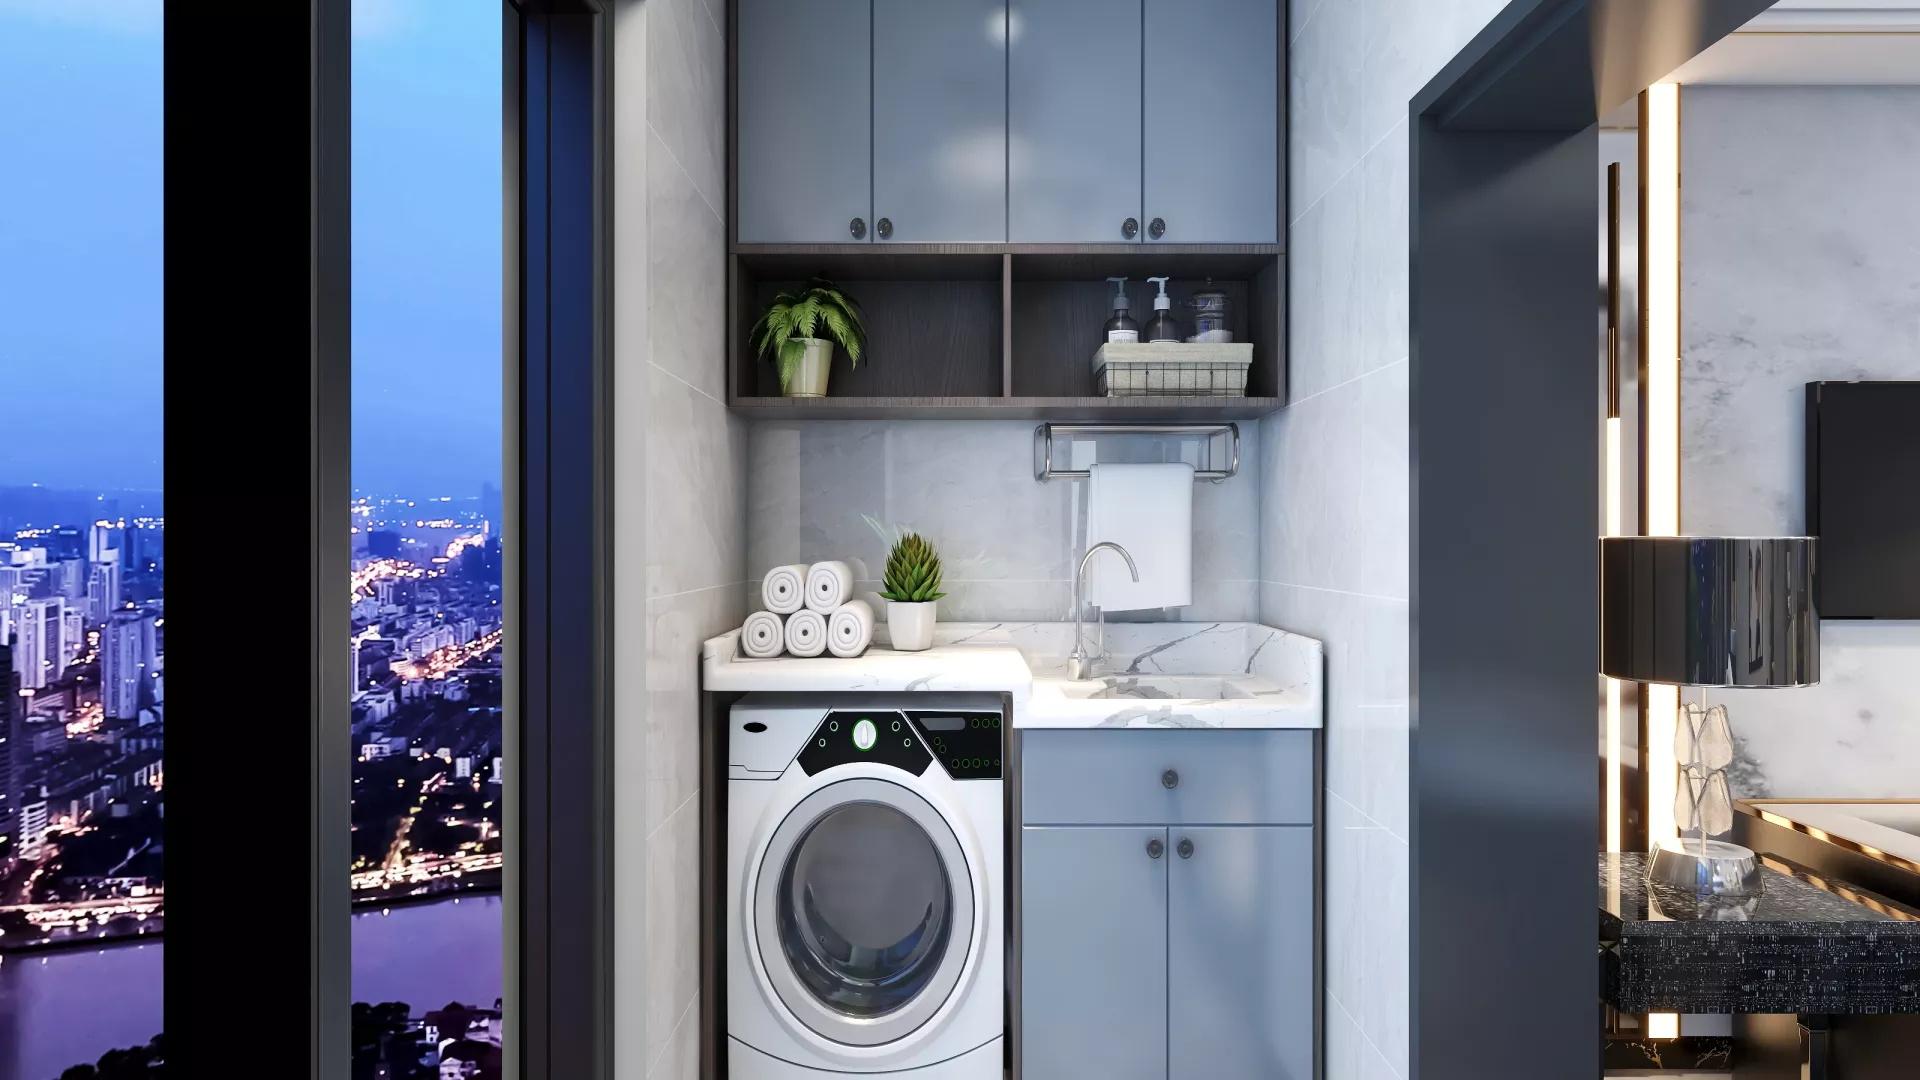 台盆柜哪个品牌好 卫浴台盆柜价格